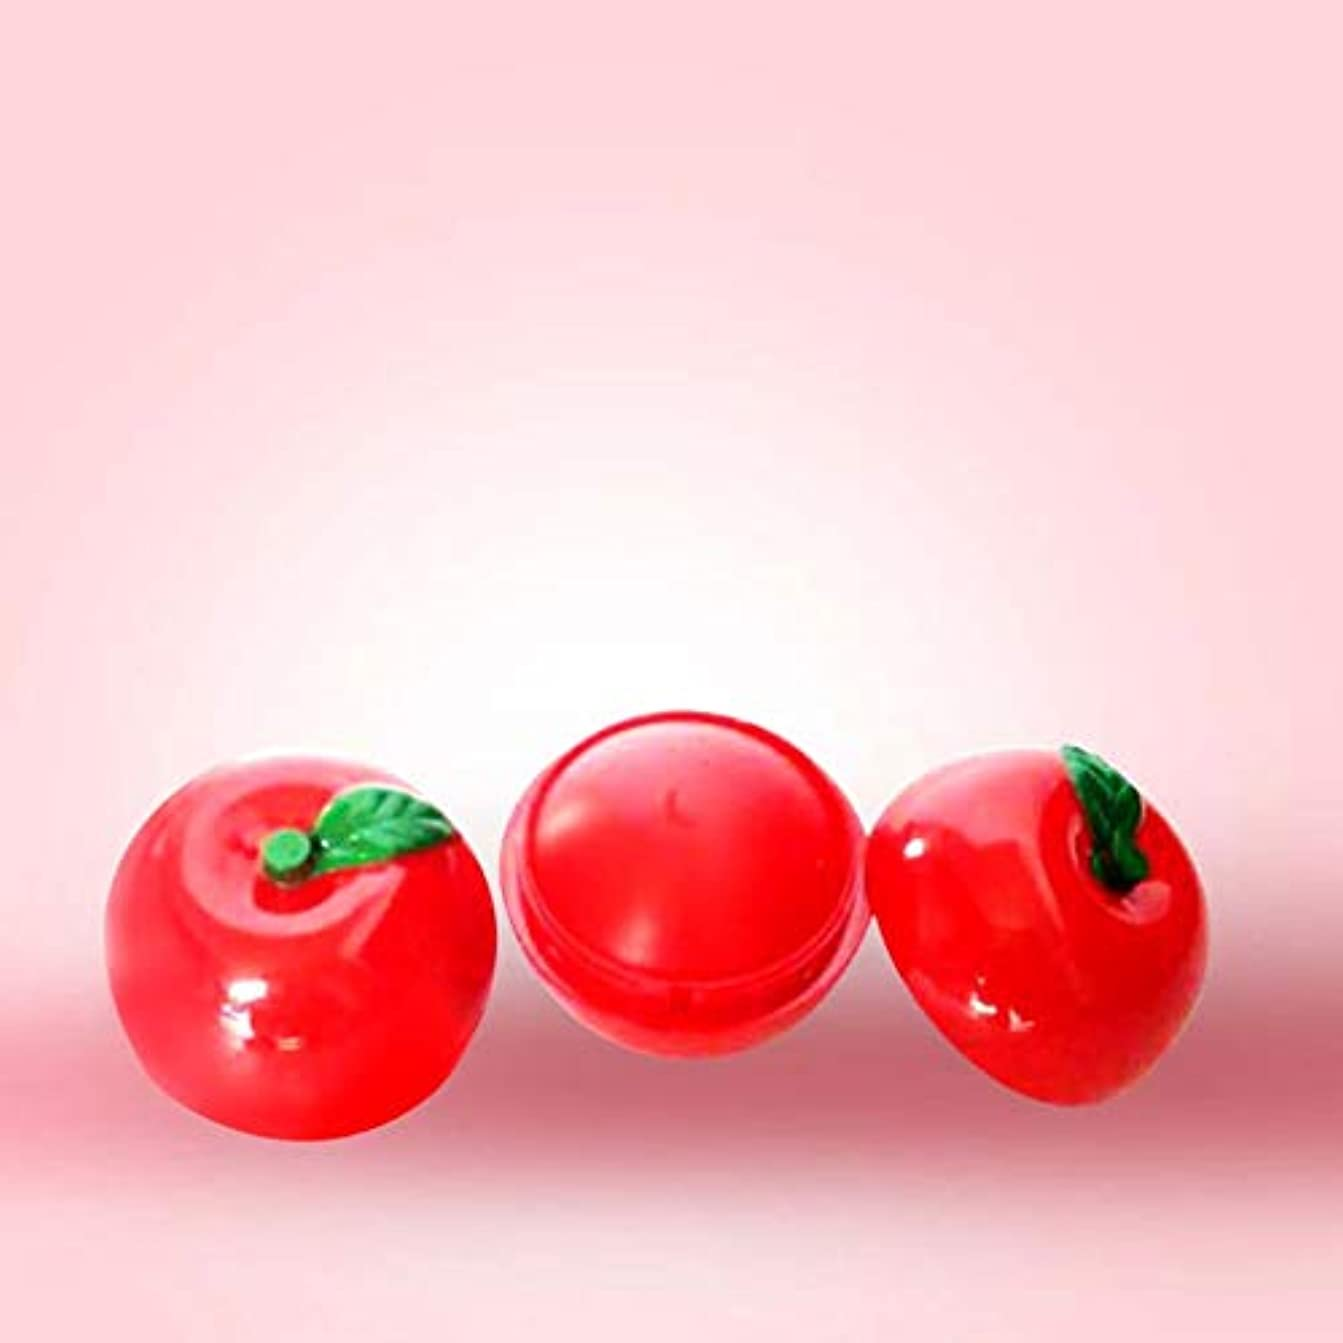 論理的に乱用抽出KISSION 保湿と持続するリップクリーム ベビーリップスキンケア かわいいリンゴの球形の口紅 栄養と保湿 修理水リップスティック